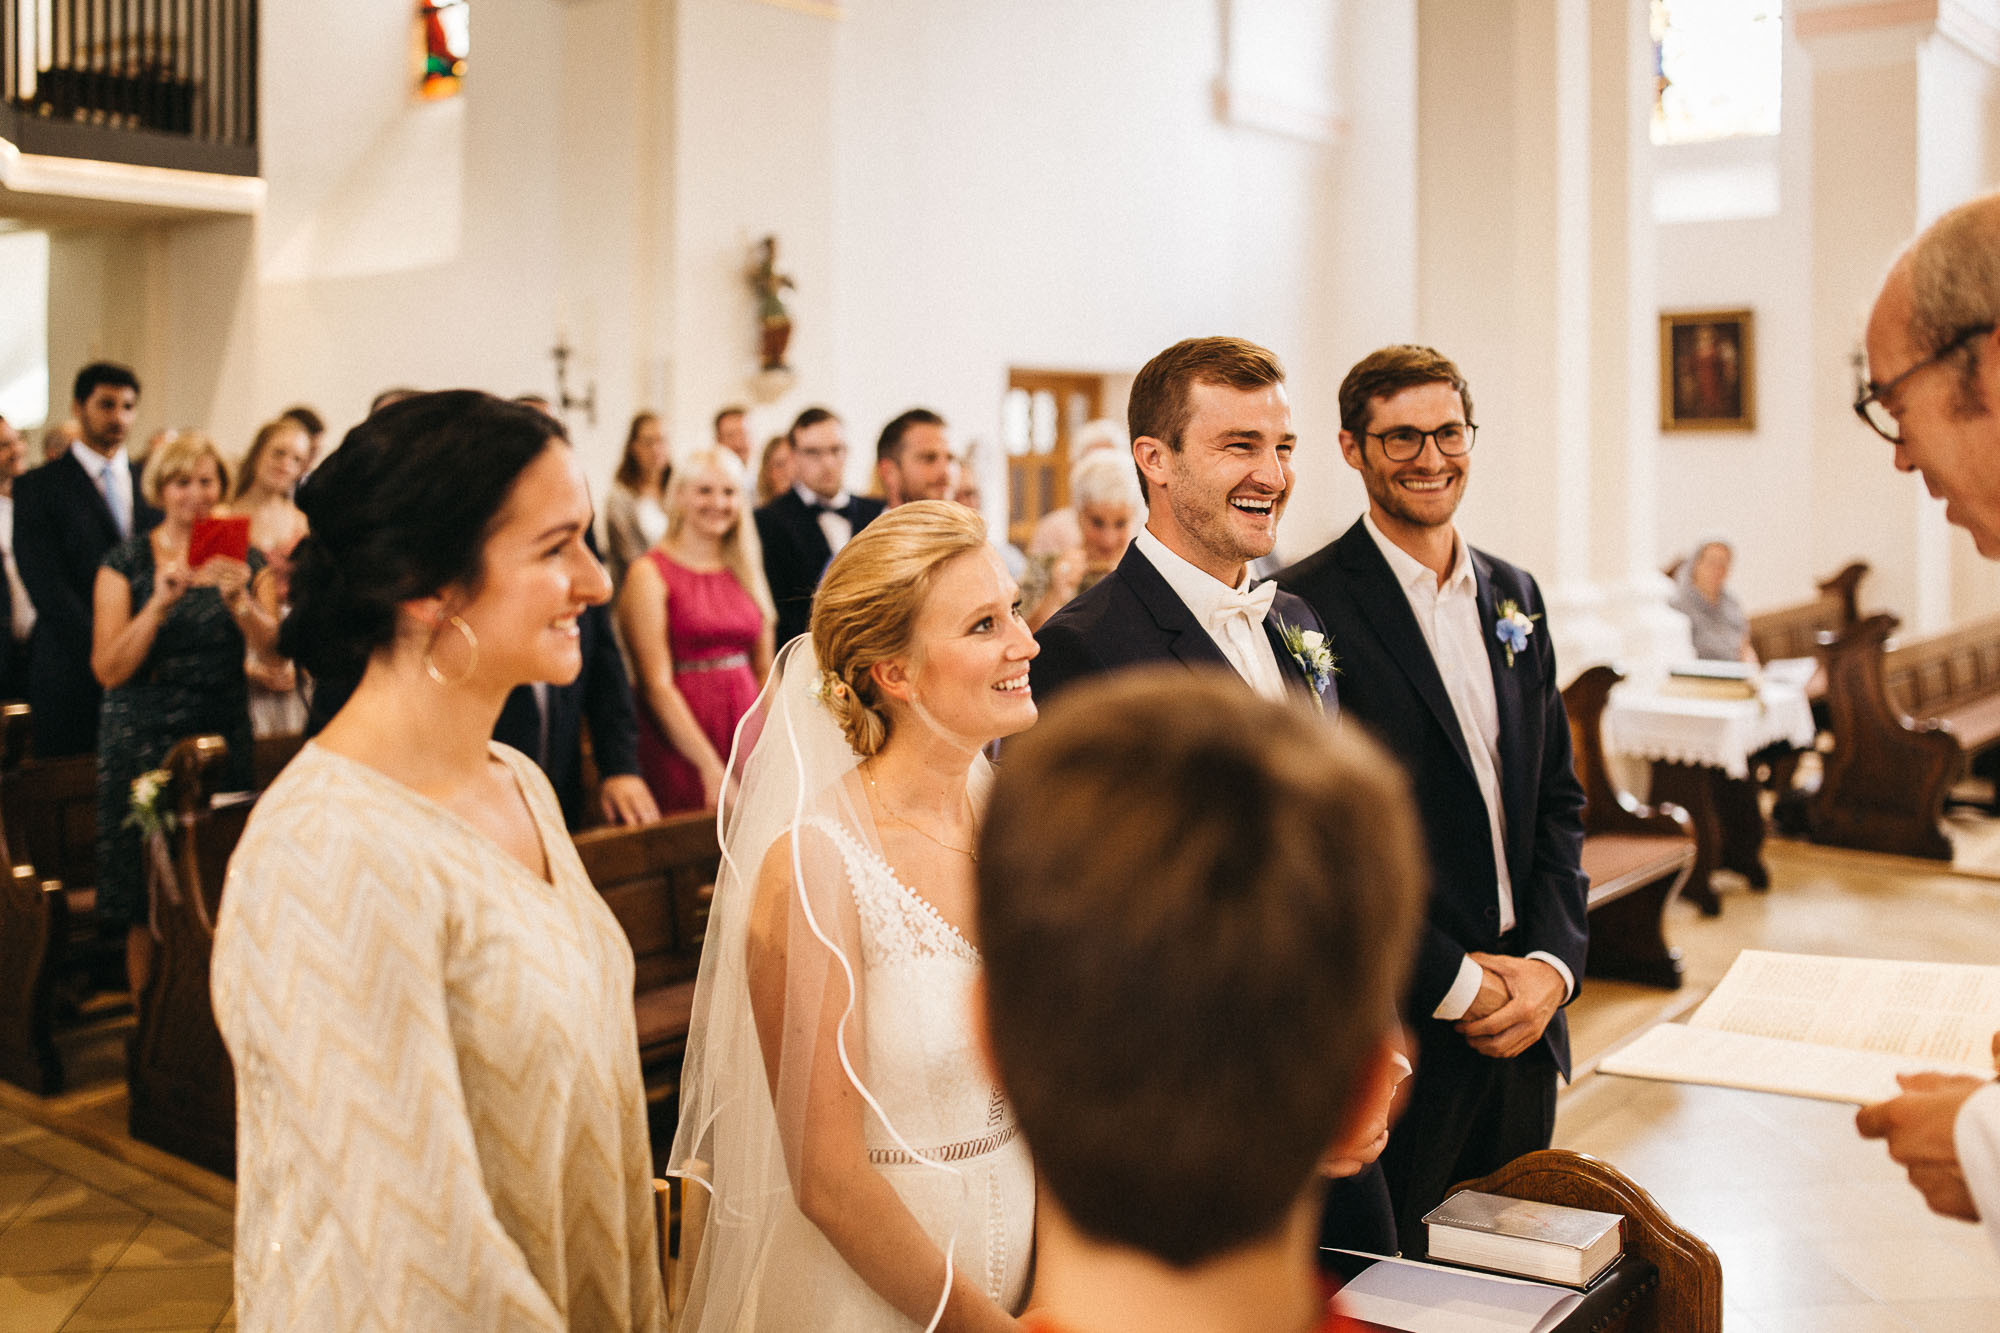 raissa simon photography wedding mosel kloster machern love authentic 181 - Kathrin + Dominik